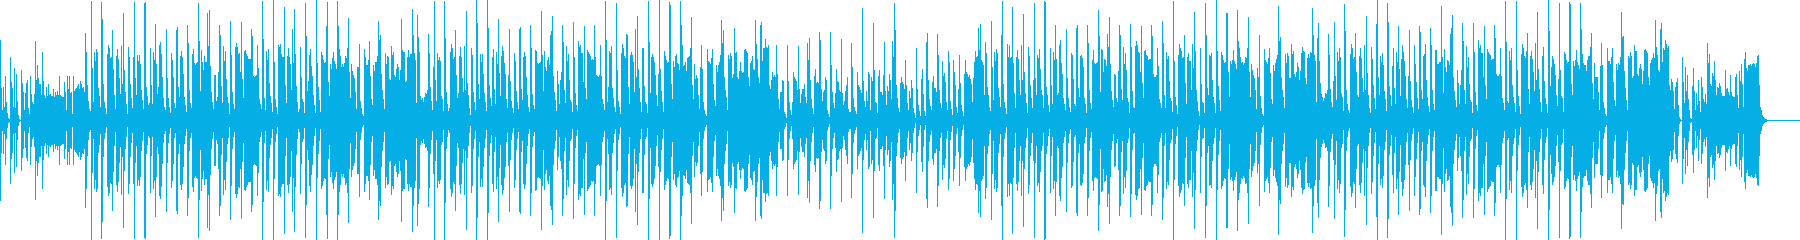 ほのぼのかわいい、のんびりした緩いBGMの再生済みの波形